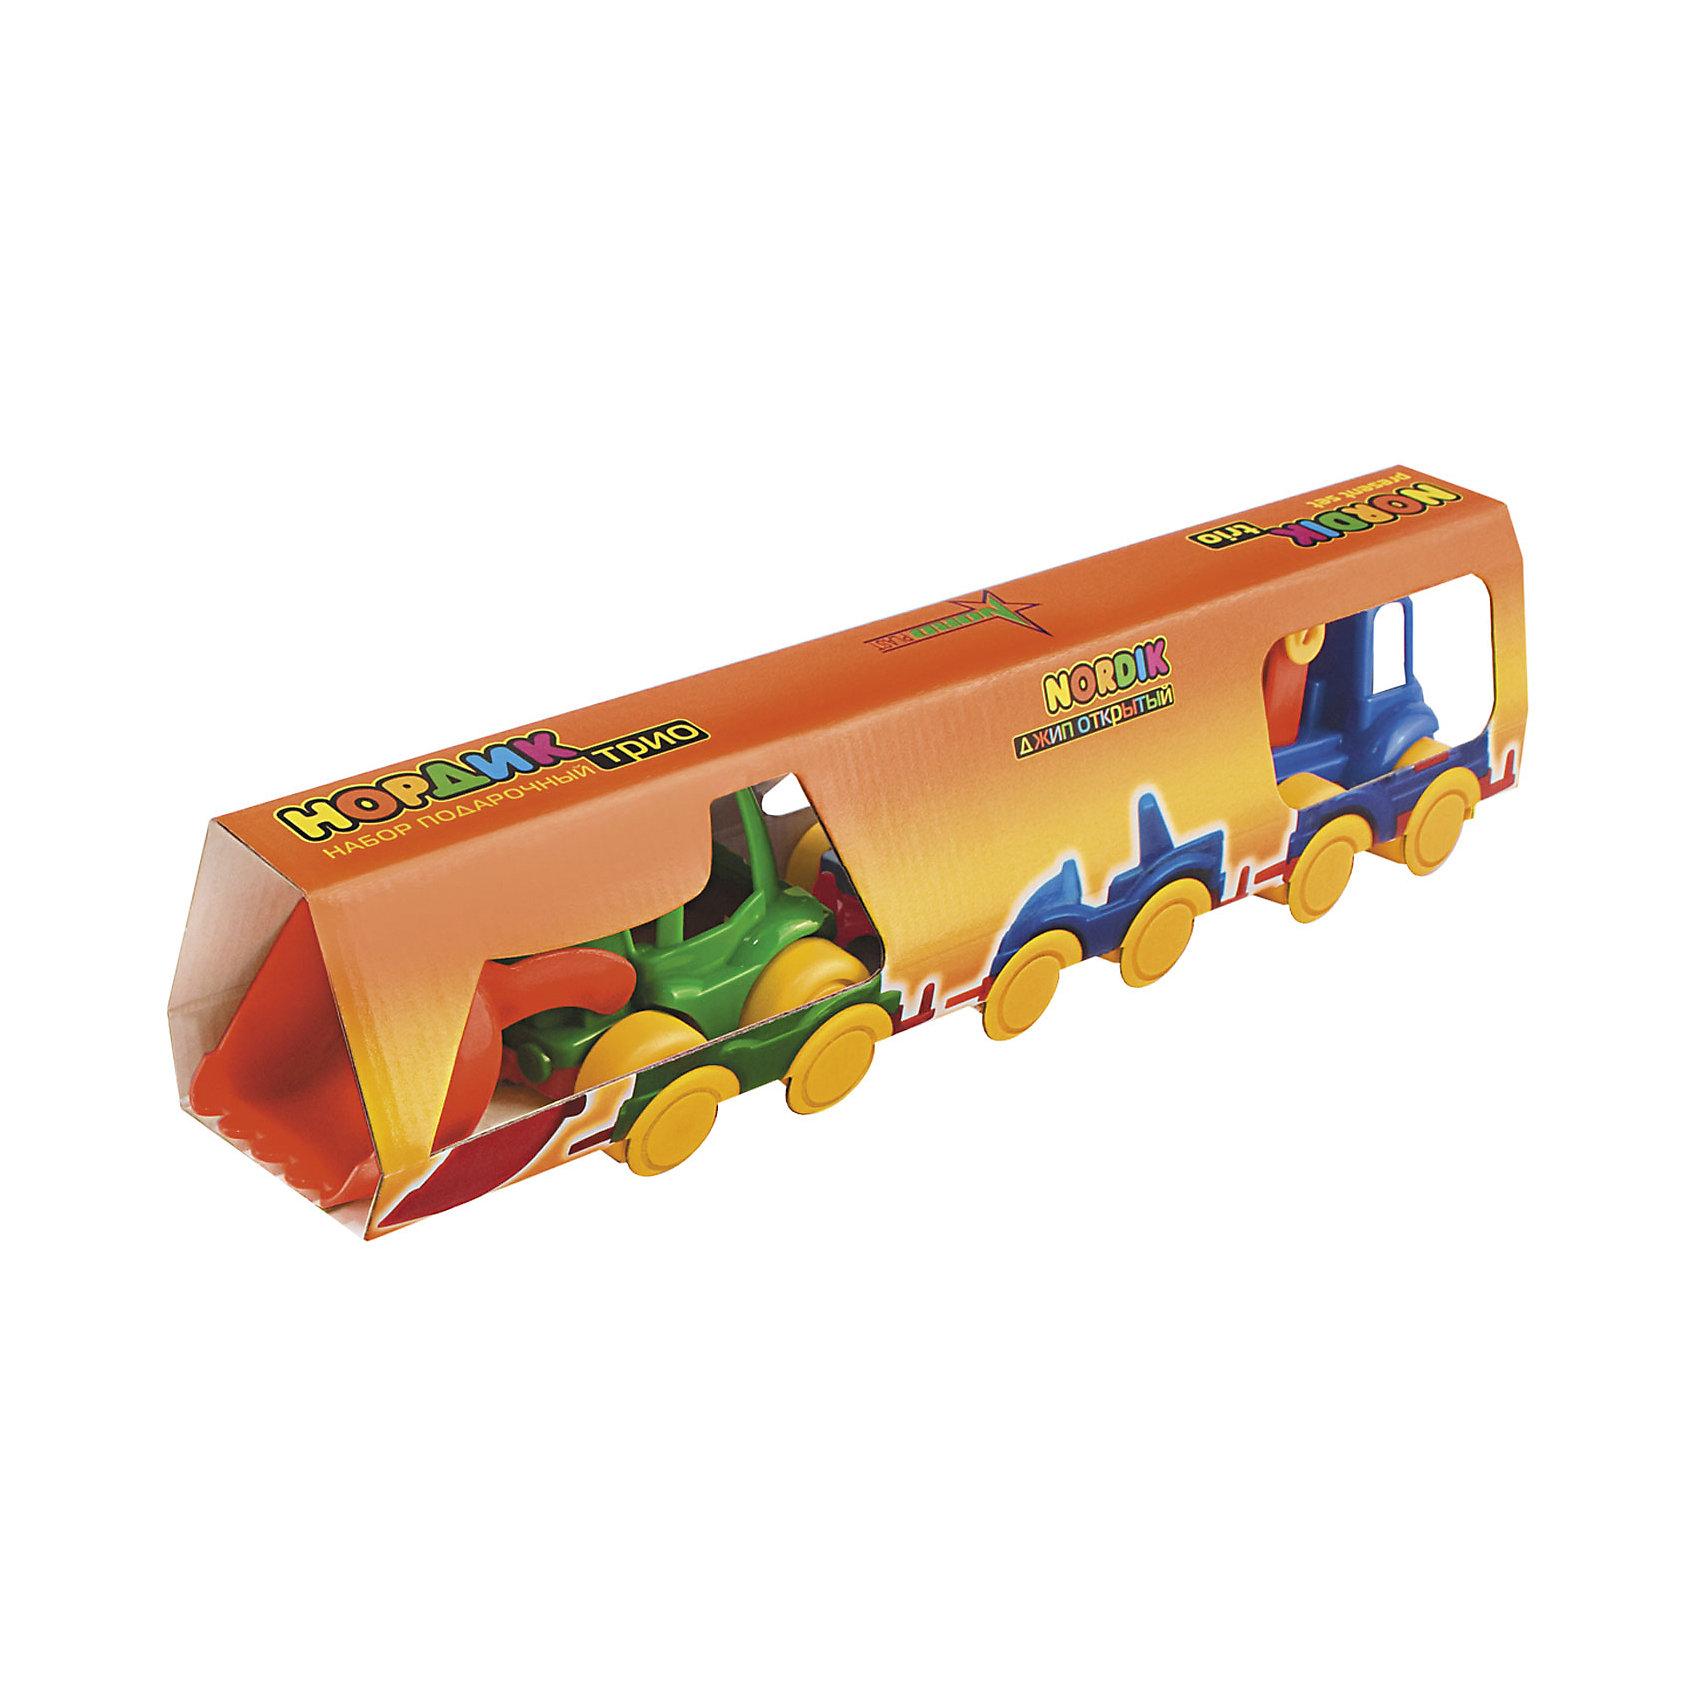 Набор Трио (Трактор, джип, пожарка), НордпластМашинки<br>Набор Трио (Трактор, джип, пожарка), Нордпласт – это яркие пластмассовые машины, которыми интересно будет играть вашему мальчику.<br>Набор игрушечных машинок Нордик Трио от компании Нордпласт включает в себя трактор, джип, пожарную машинку. Все игрушки яркой расцветки, что обязательно будет привлекать внимание ребенка. Крепления машинок «Нордик» легко совмещаются друг с другом и их можно свободно соединять с другими наборами из этой серии. У машинок надежная колесная база. С этим набором можно играть дома, на улице, и Вашему малышу некогда будет скучать. Игрушки изготовлены из высококачественной пищевой пластмассы, без трещин и заусениц, поэтому во время эксплуатации выдержат многие детские шалости. Они покрыты нетоксичной краской, не облупливающейся и не выгорающей на солнце. Товар соответствует требованиям стандарта для детских игрушек и имеет сертификат качества.<br><br>Дополнительная информация:<br><br>- В наборе: трактор, джип, пожарная машинка<br>- Материал: высококачественная пластмасса<br>- Размер упаковки: 9х7х38 см.<br>- Вес: 210 гр.<br><br>Набор Трио (Трактор, джип, пожарка), Нордпласт можно купить в нашем интернет-магазине.<br><br>Ширина мм: 380<br>Глубина мм: 70<br>Высота мм: 90<br>Вес г: 210<br>Возраст от месяцев: 36<br>Возраст до месяцев: 72<br>Пол: Мужской<br>Возраст: Детский<br>SKU: 4112736